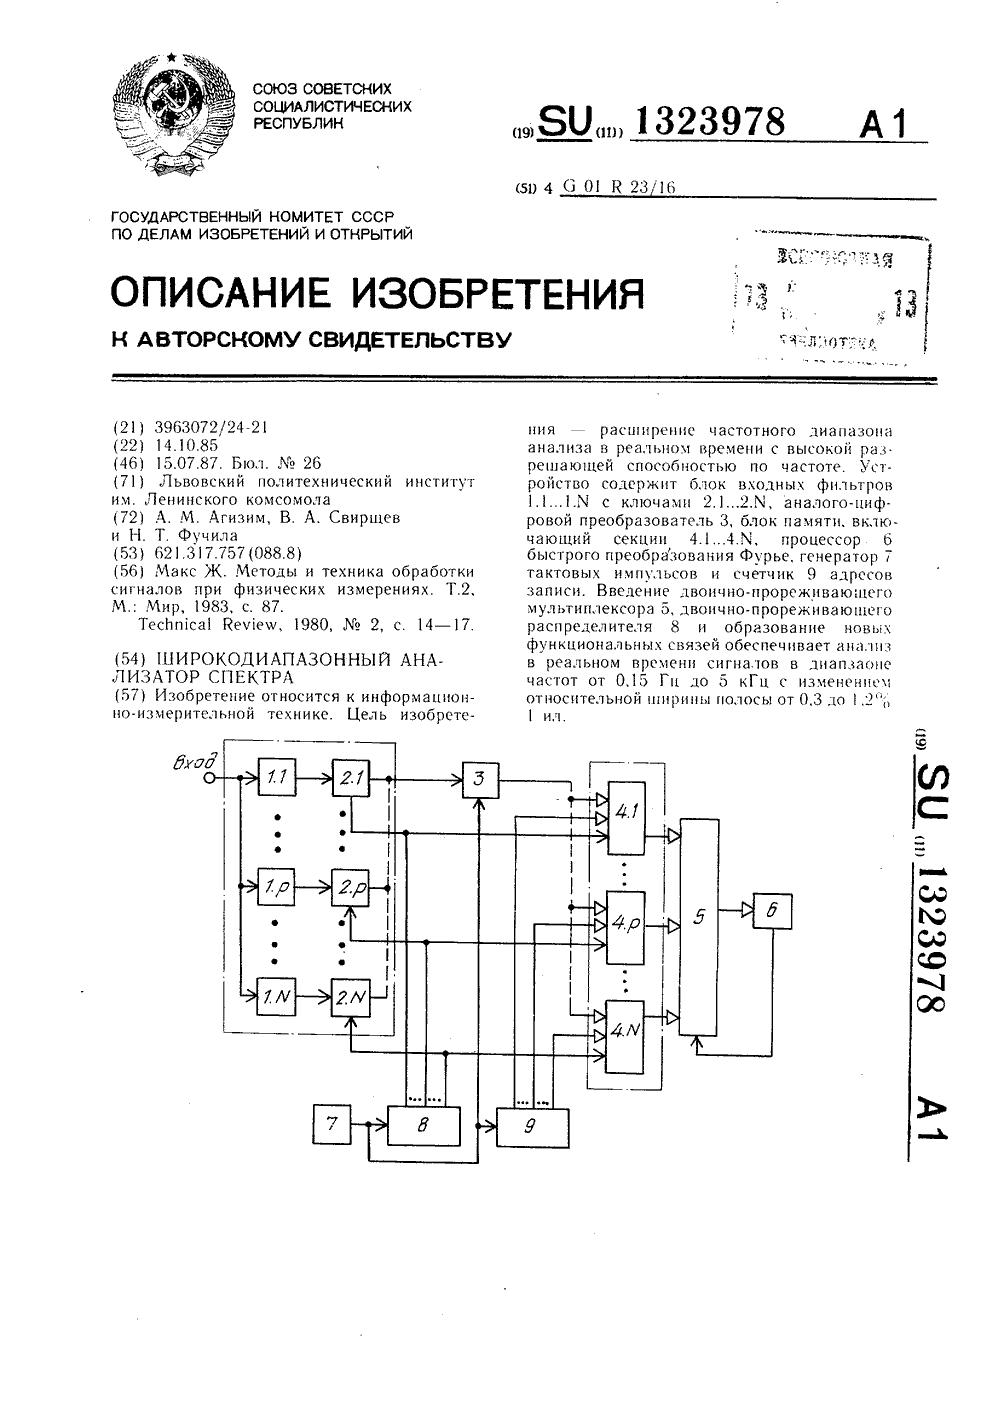 анализатор спектра сигналов принципиальная схема